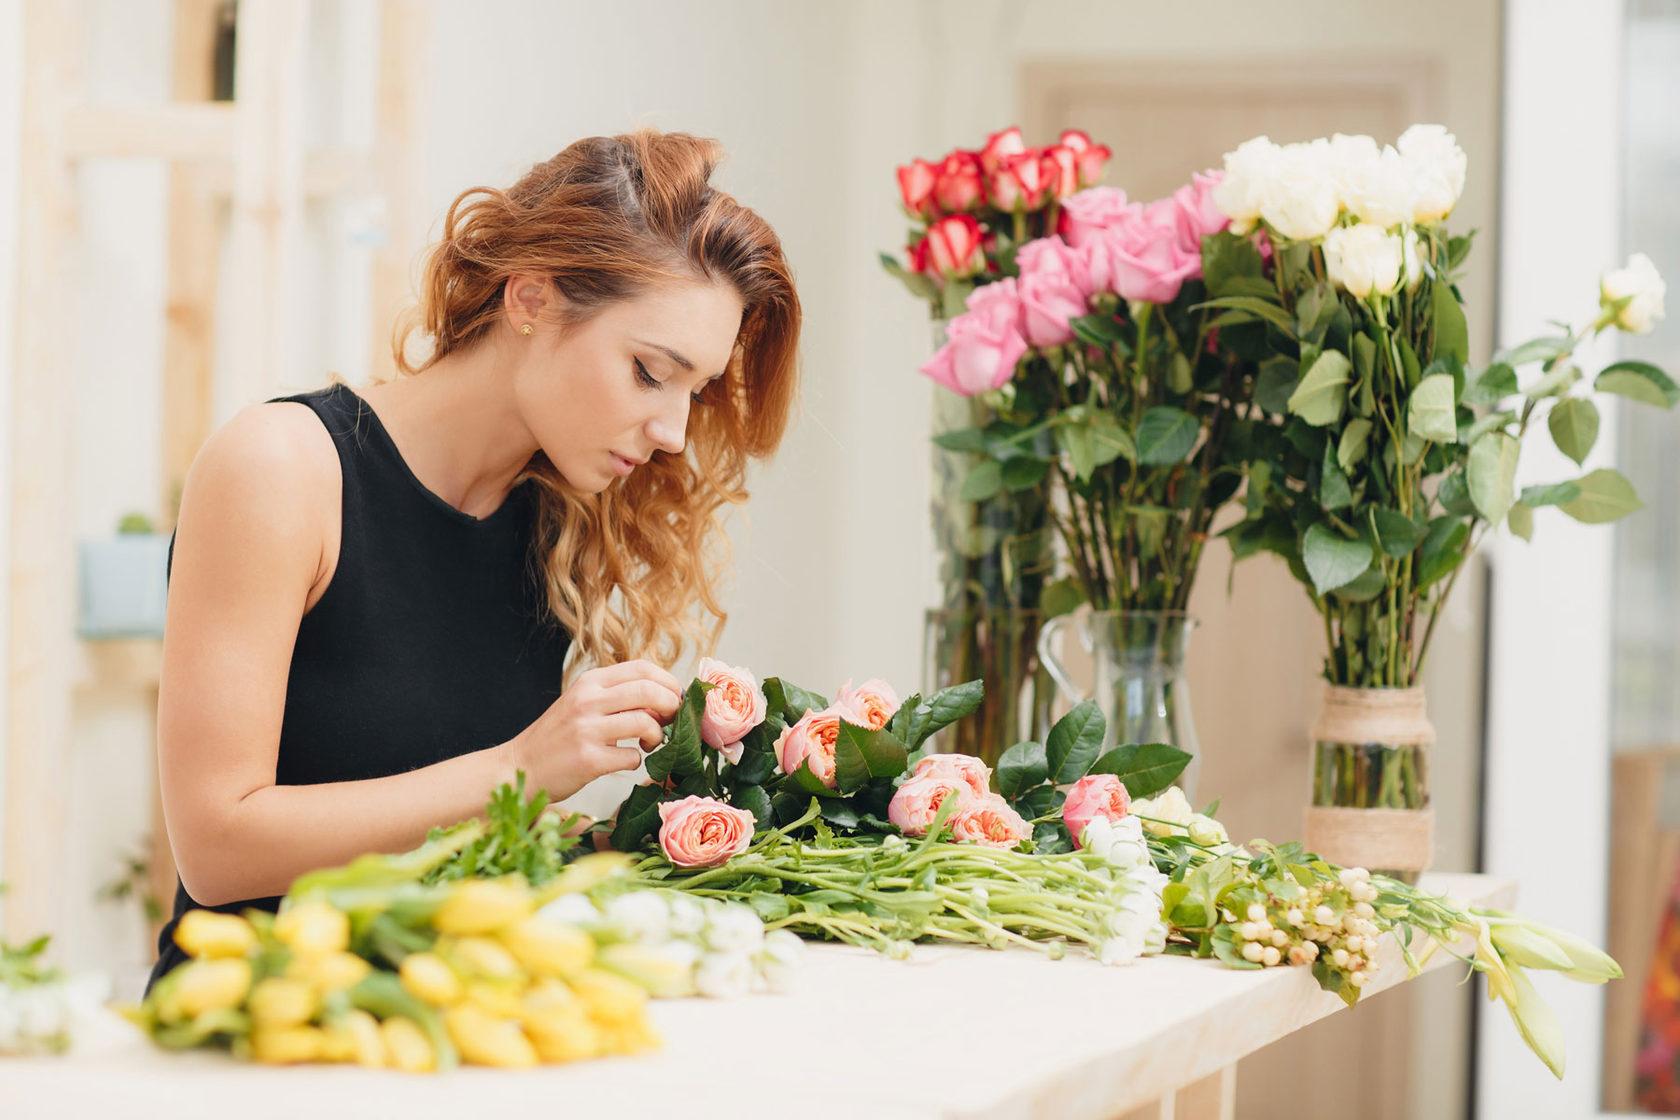 Профессия флориста: советы, как стать лучшим профессионалом и преуспеть